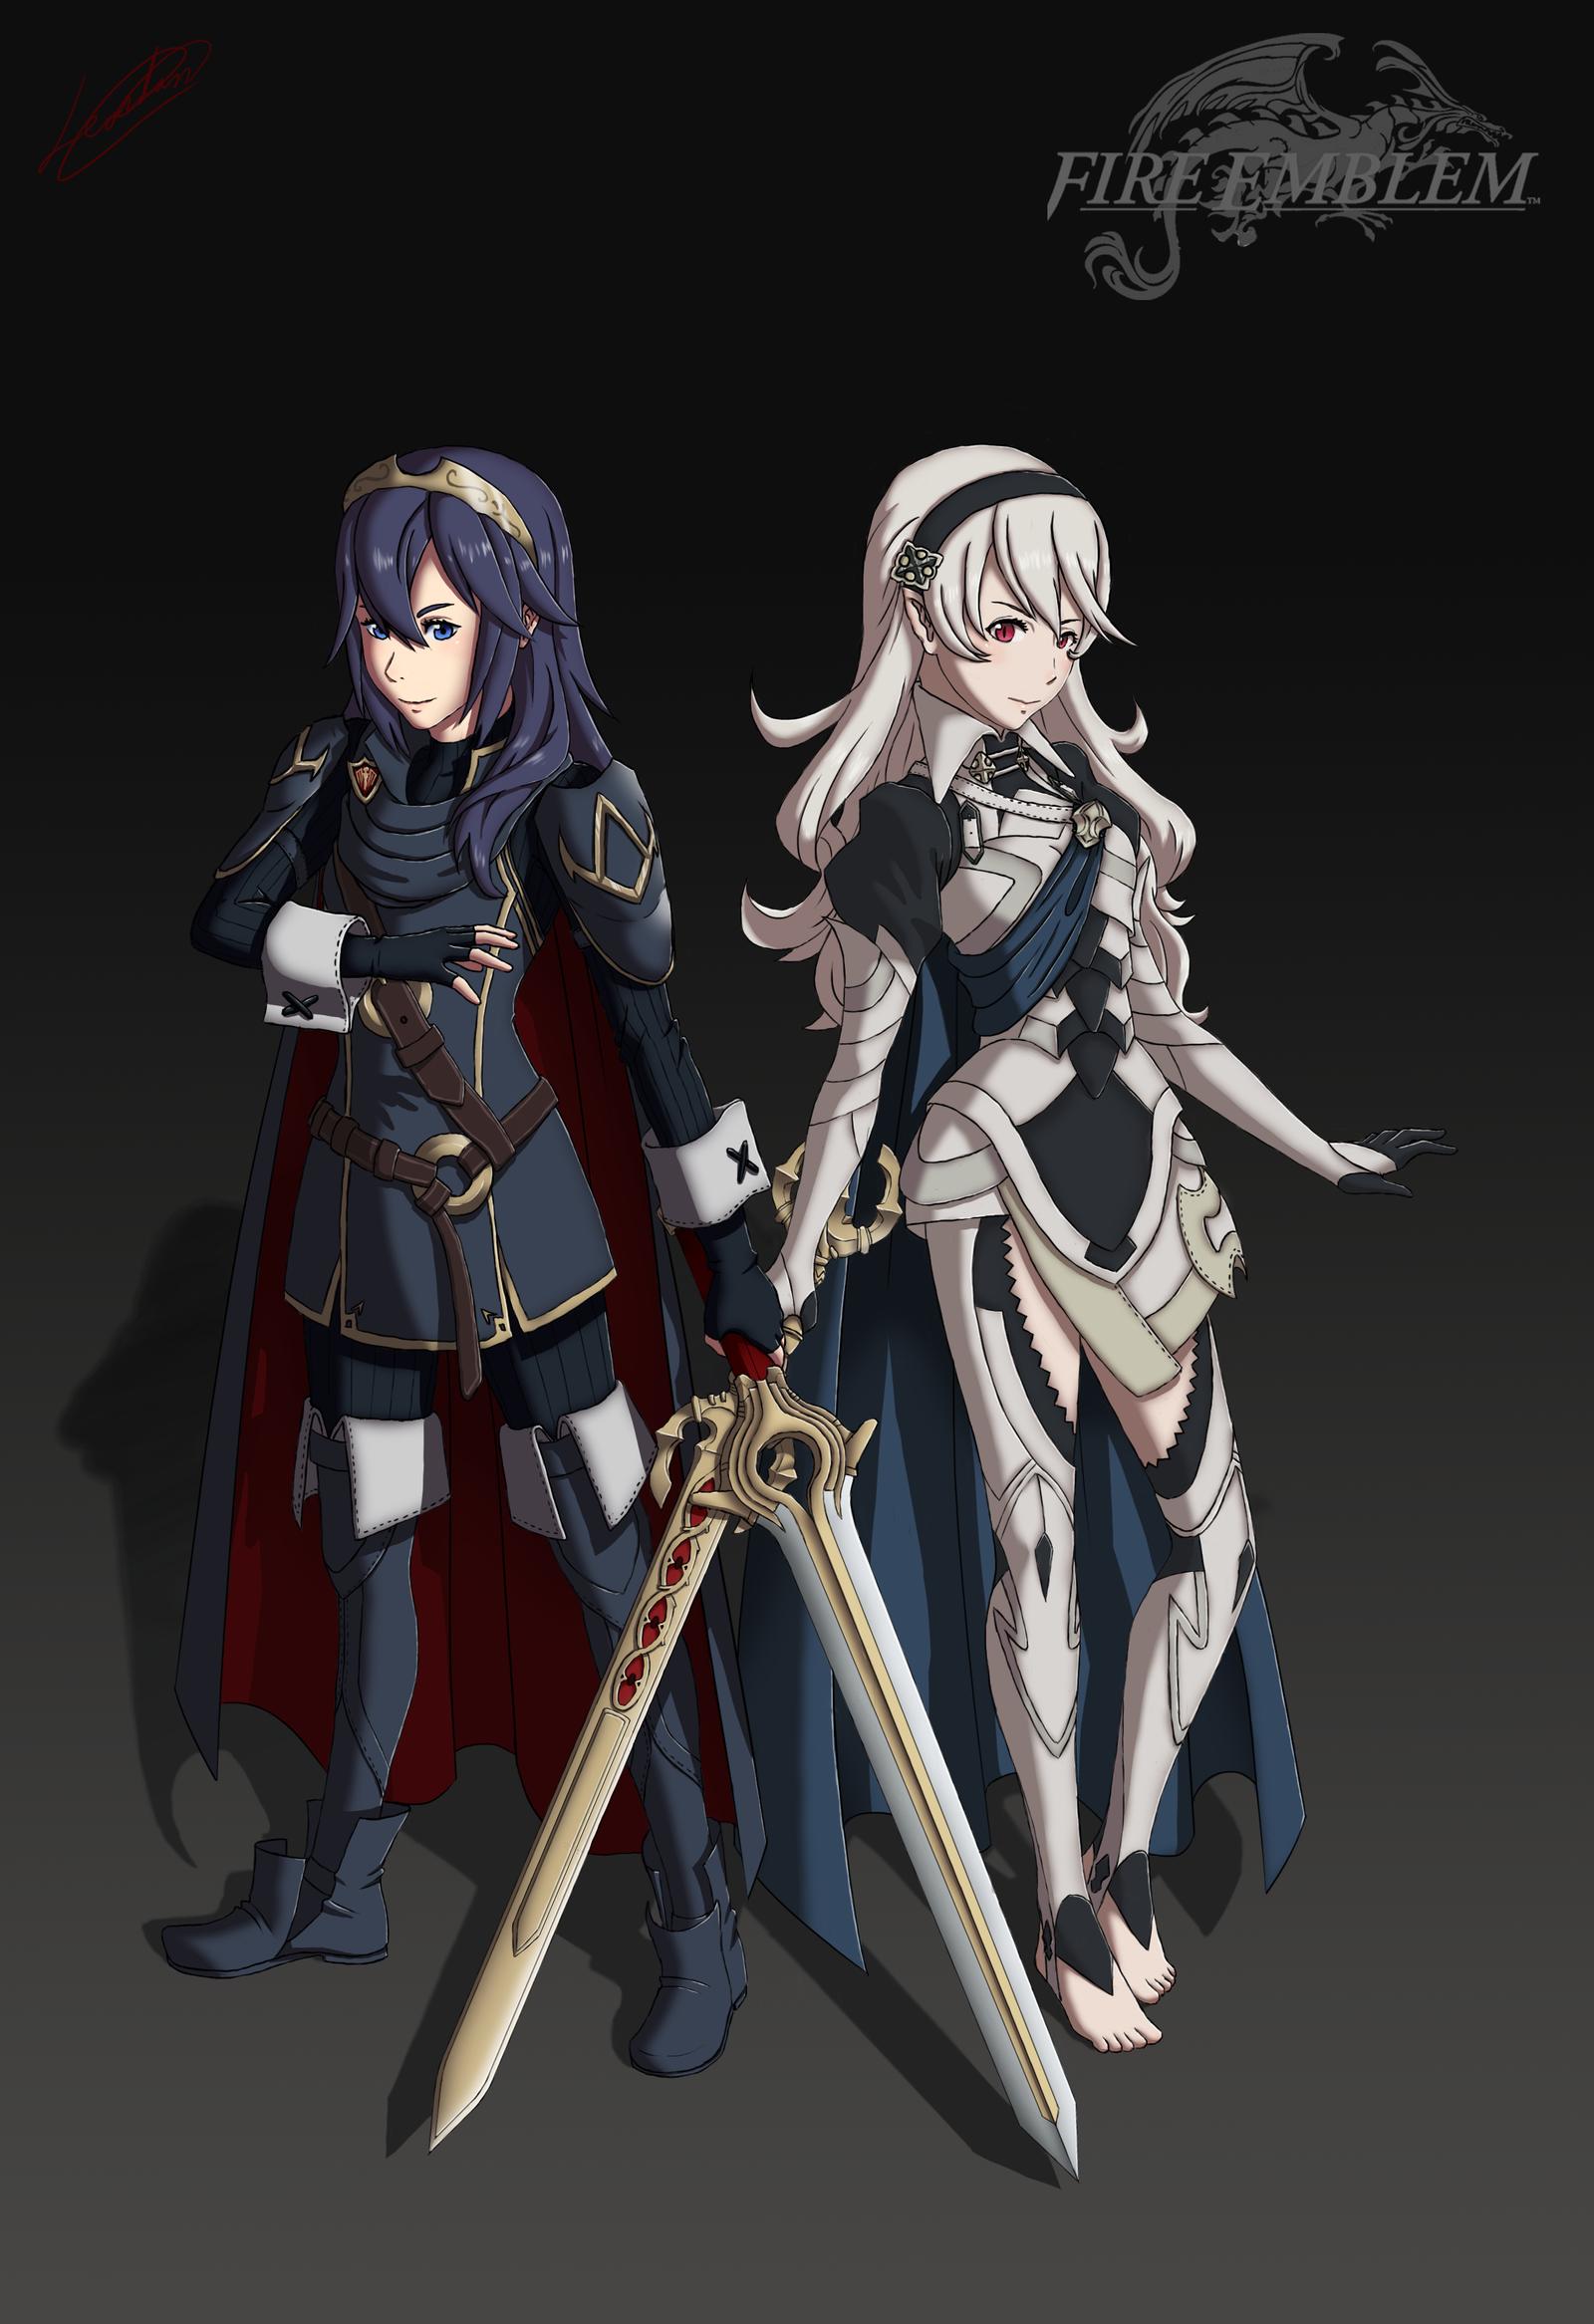 Image Result For Fire Emblem Fates